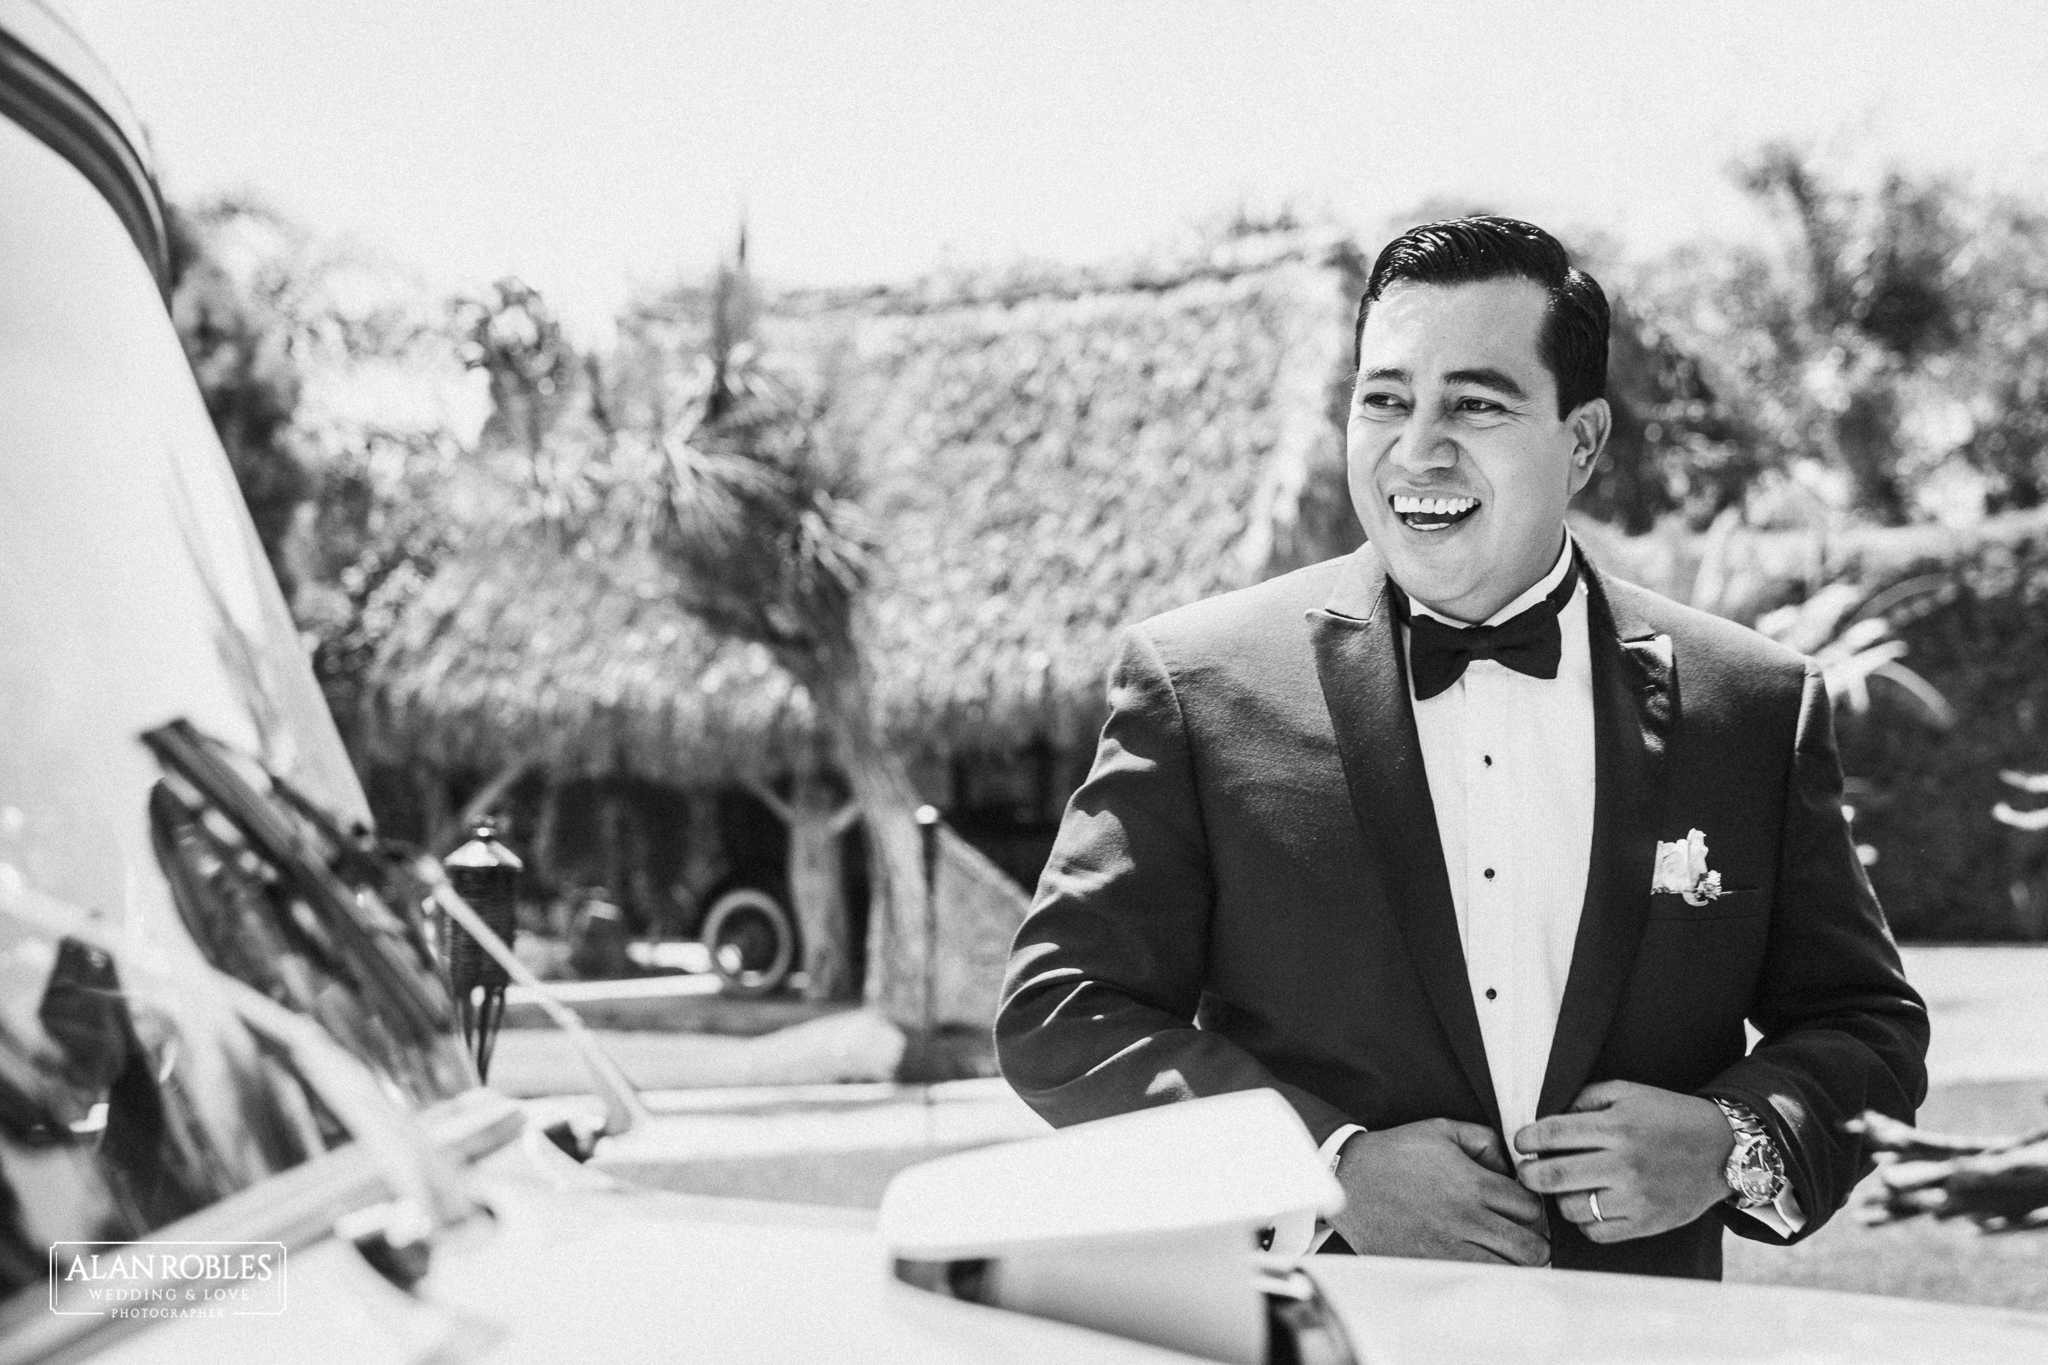 Novio sonriente con traje elegante el dia de su boda. Alan Robles fotografo de bodas en Guadalajara.